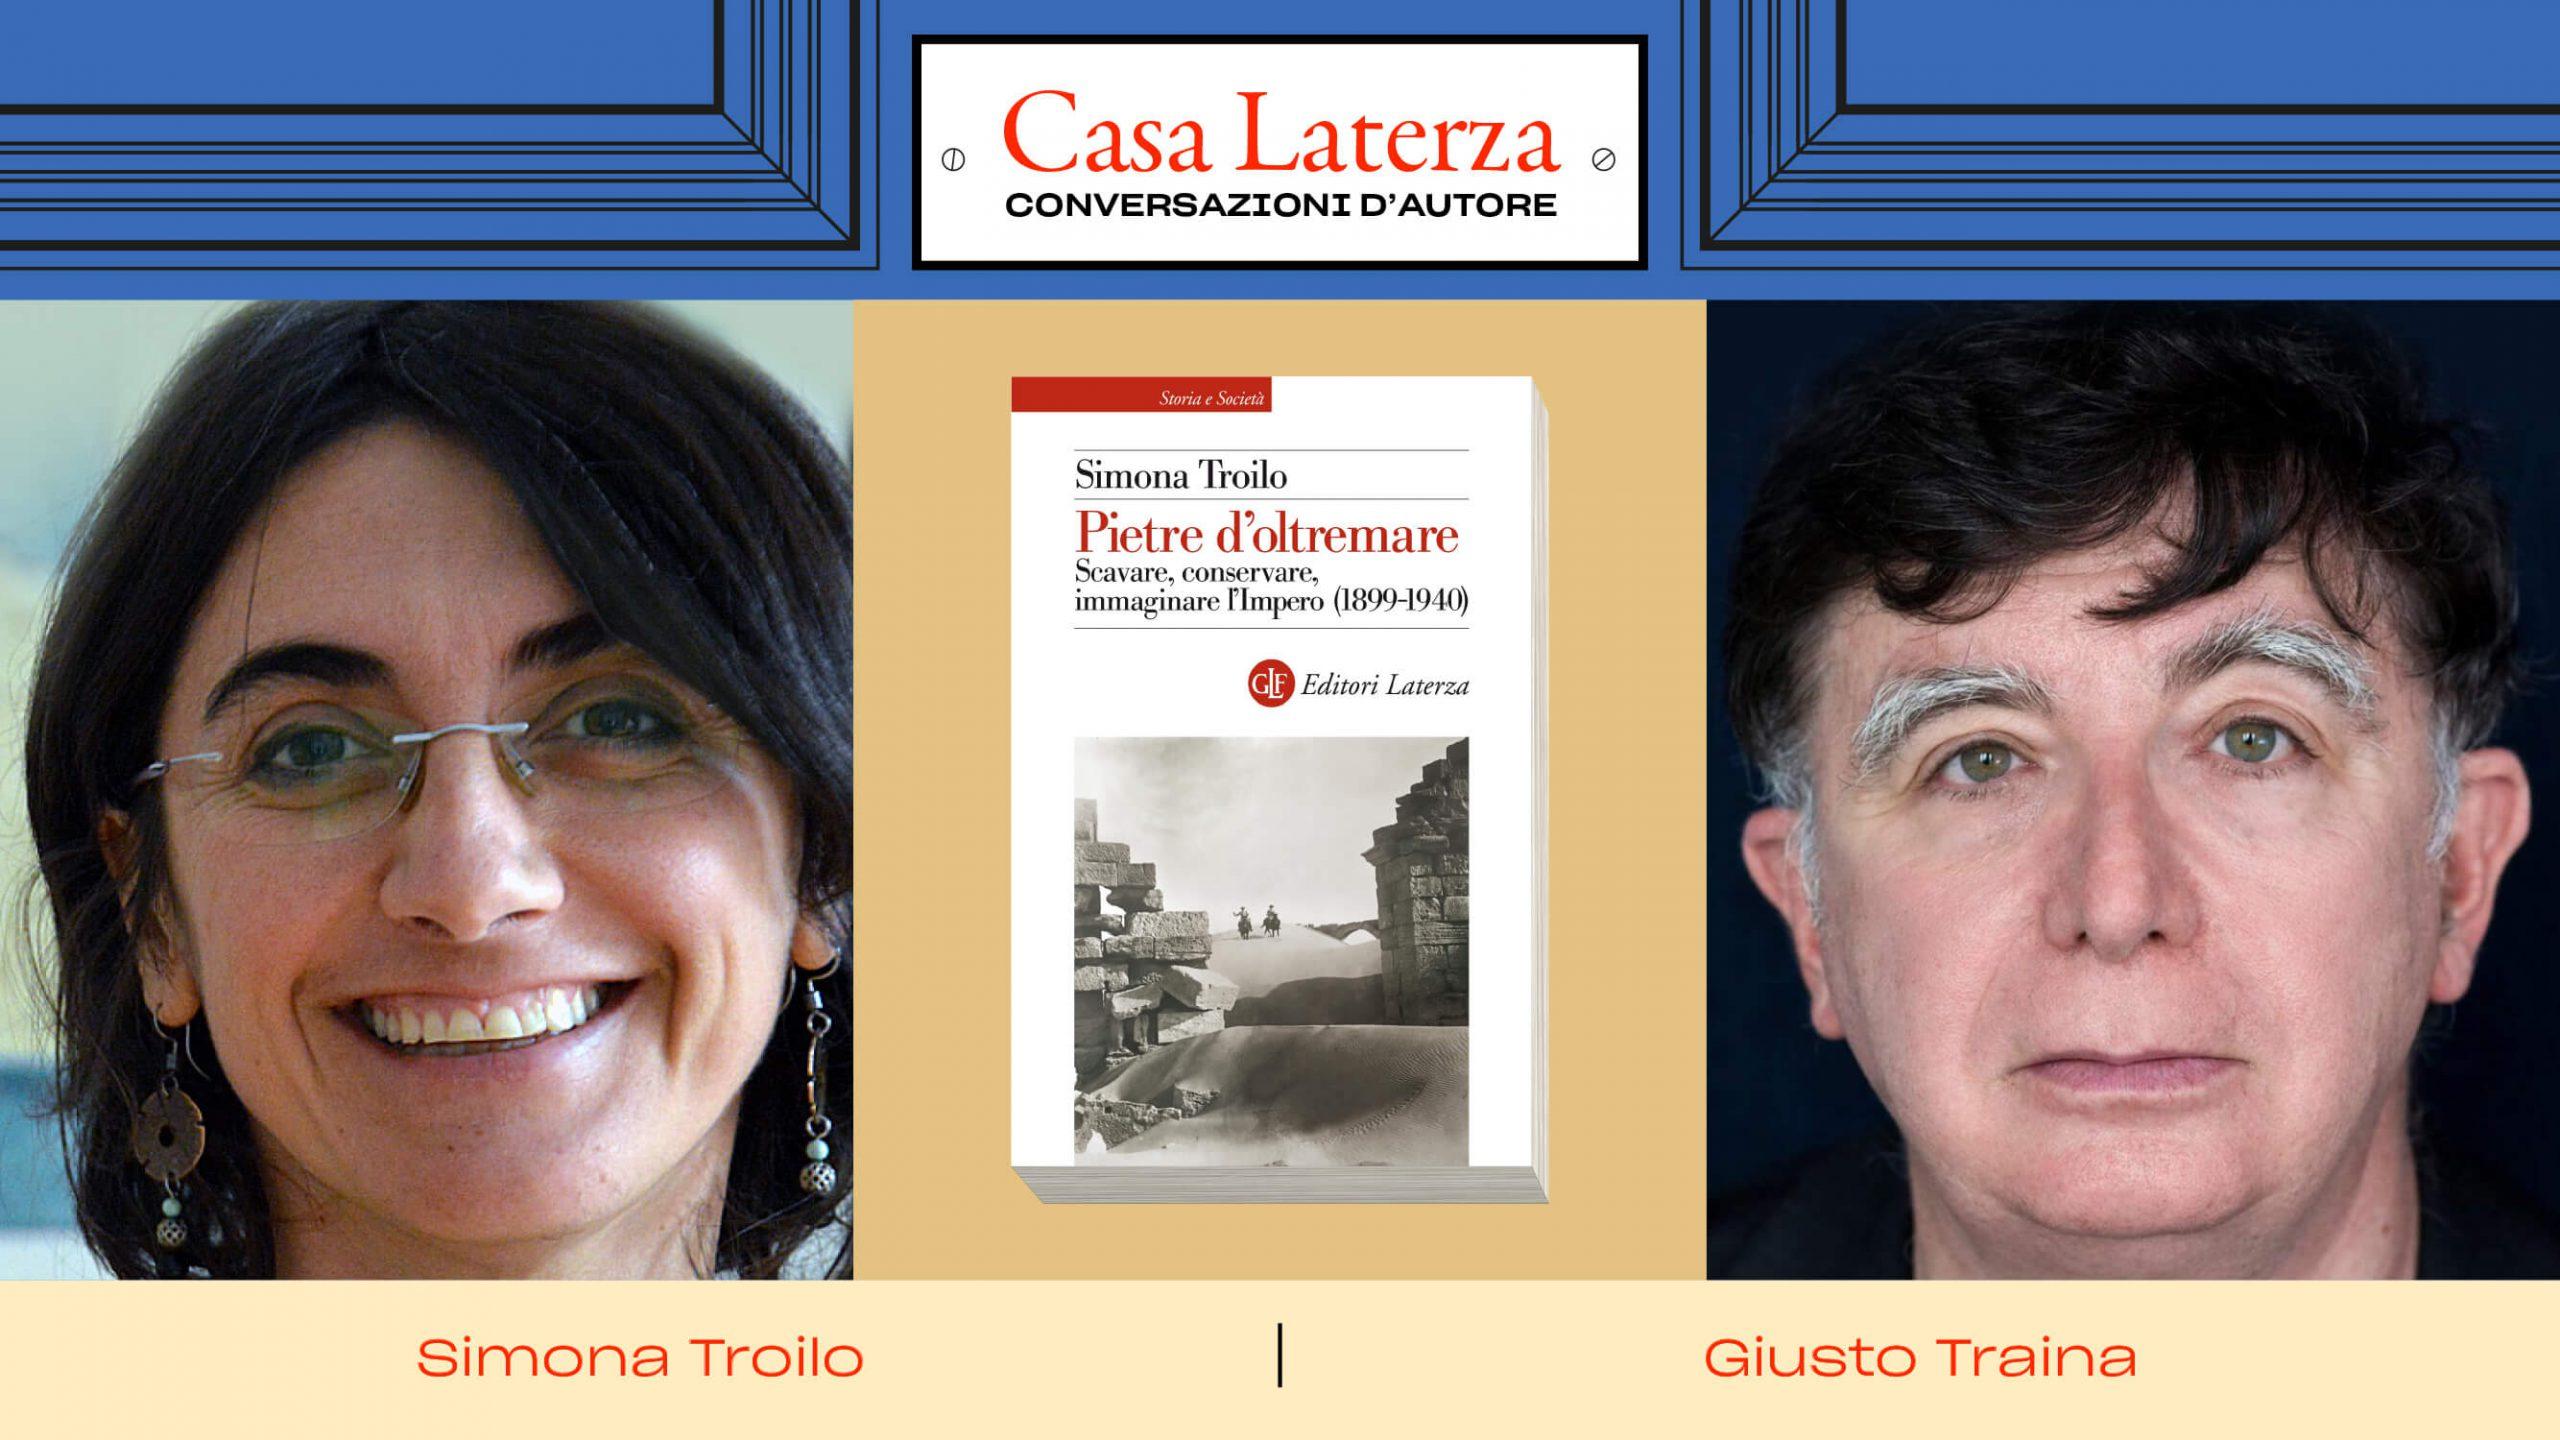 #CasaLaterza: Simona Troilo dialoga con Giusto Traina